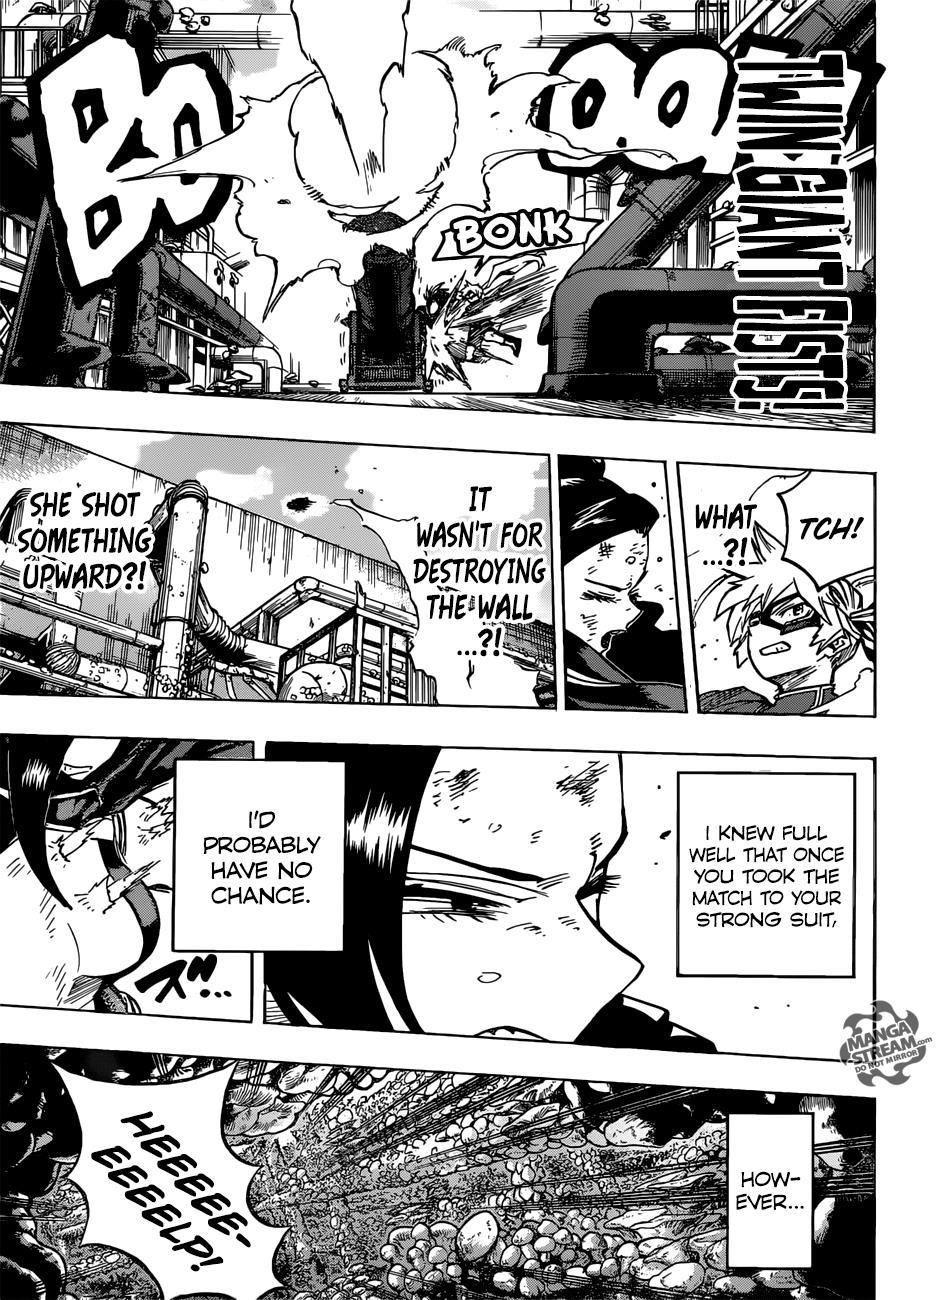 Boku No Hero Academia, Chapter 201 Boku No Hero Academia